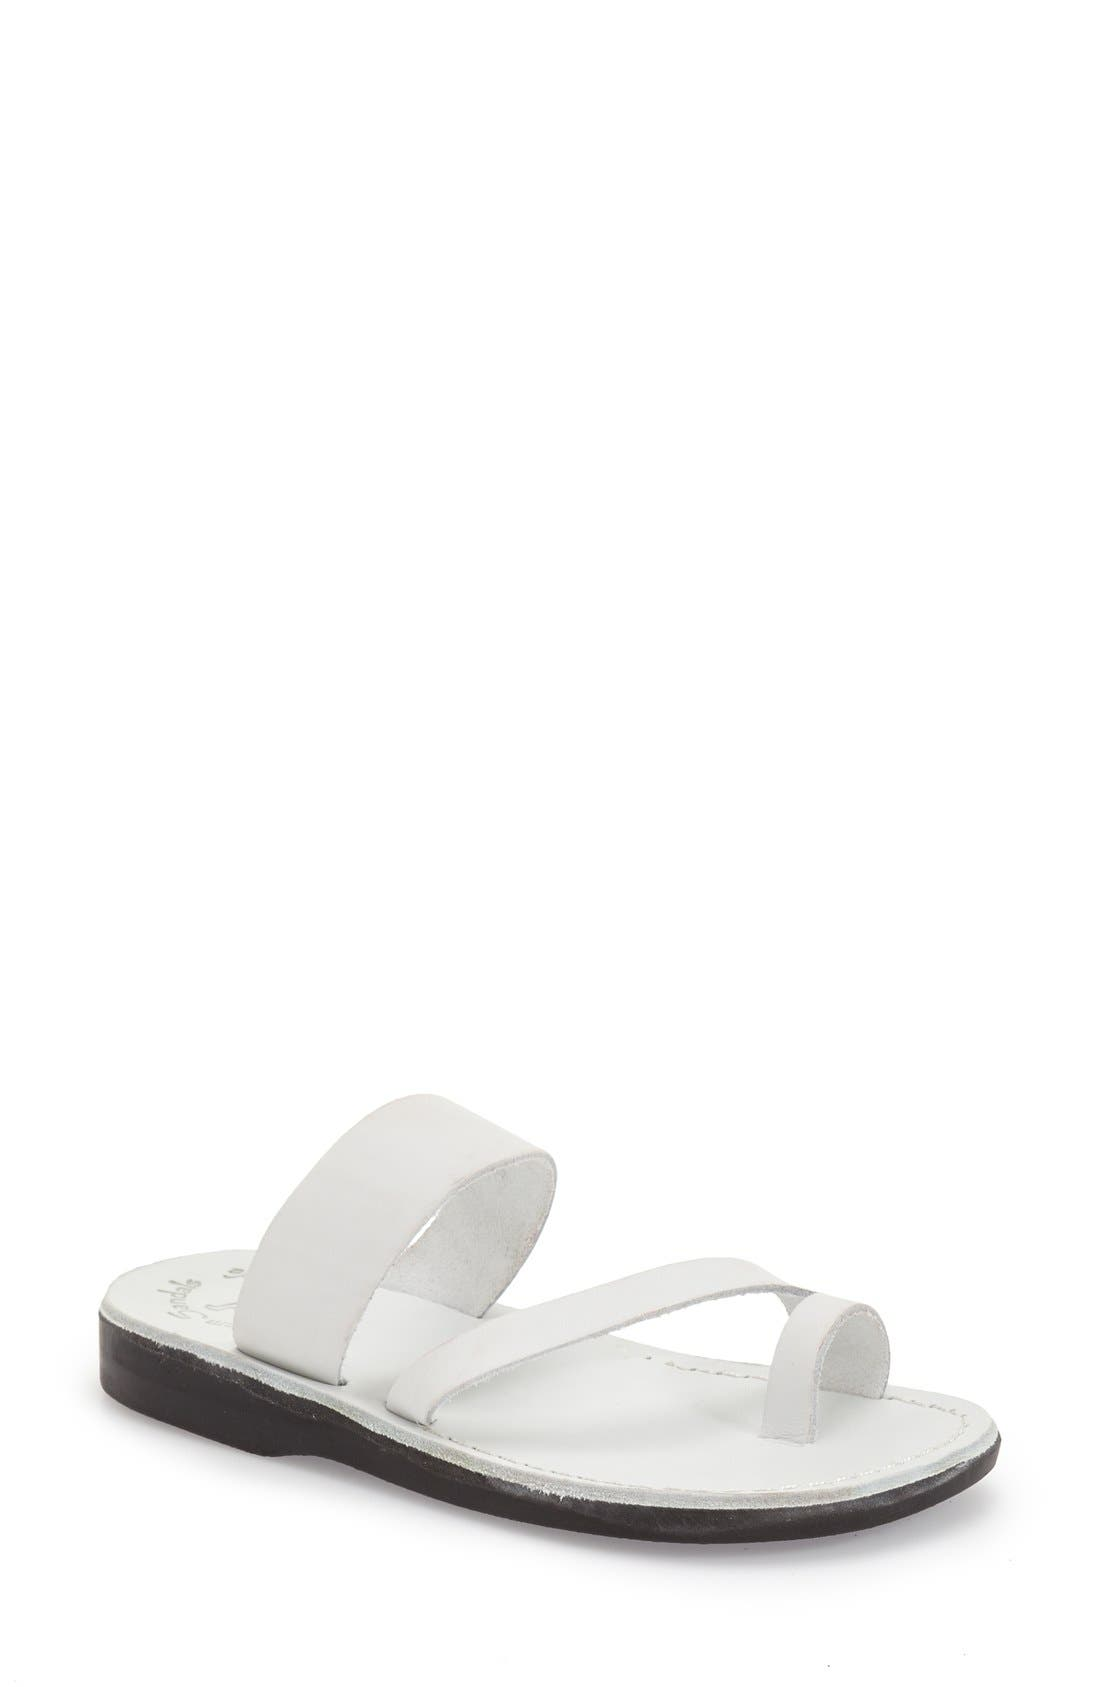 Alternate Image 1 Selected - Jerusalem Sandals 'Zohar' Leather Sandal (Women)